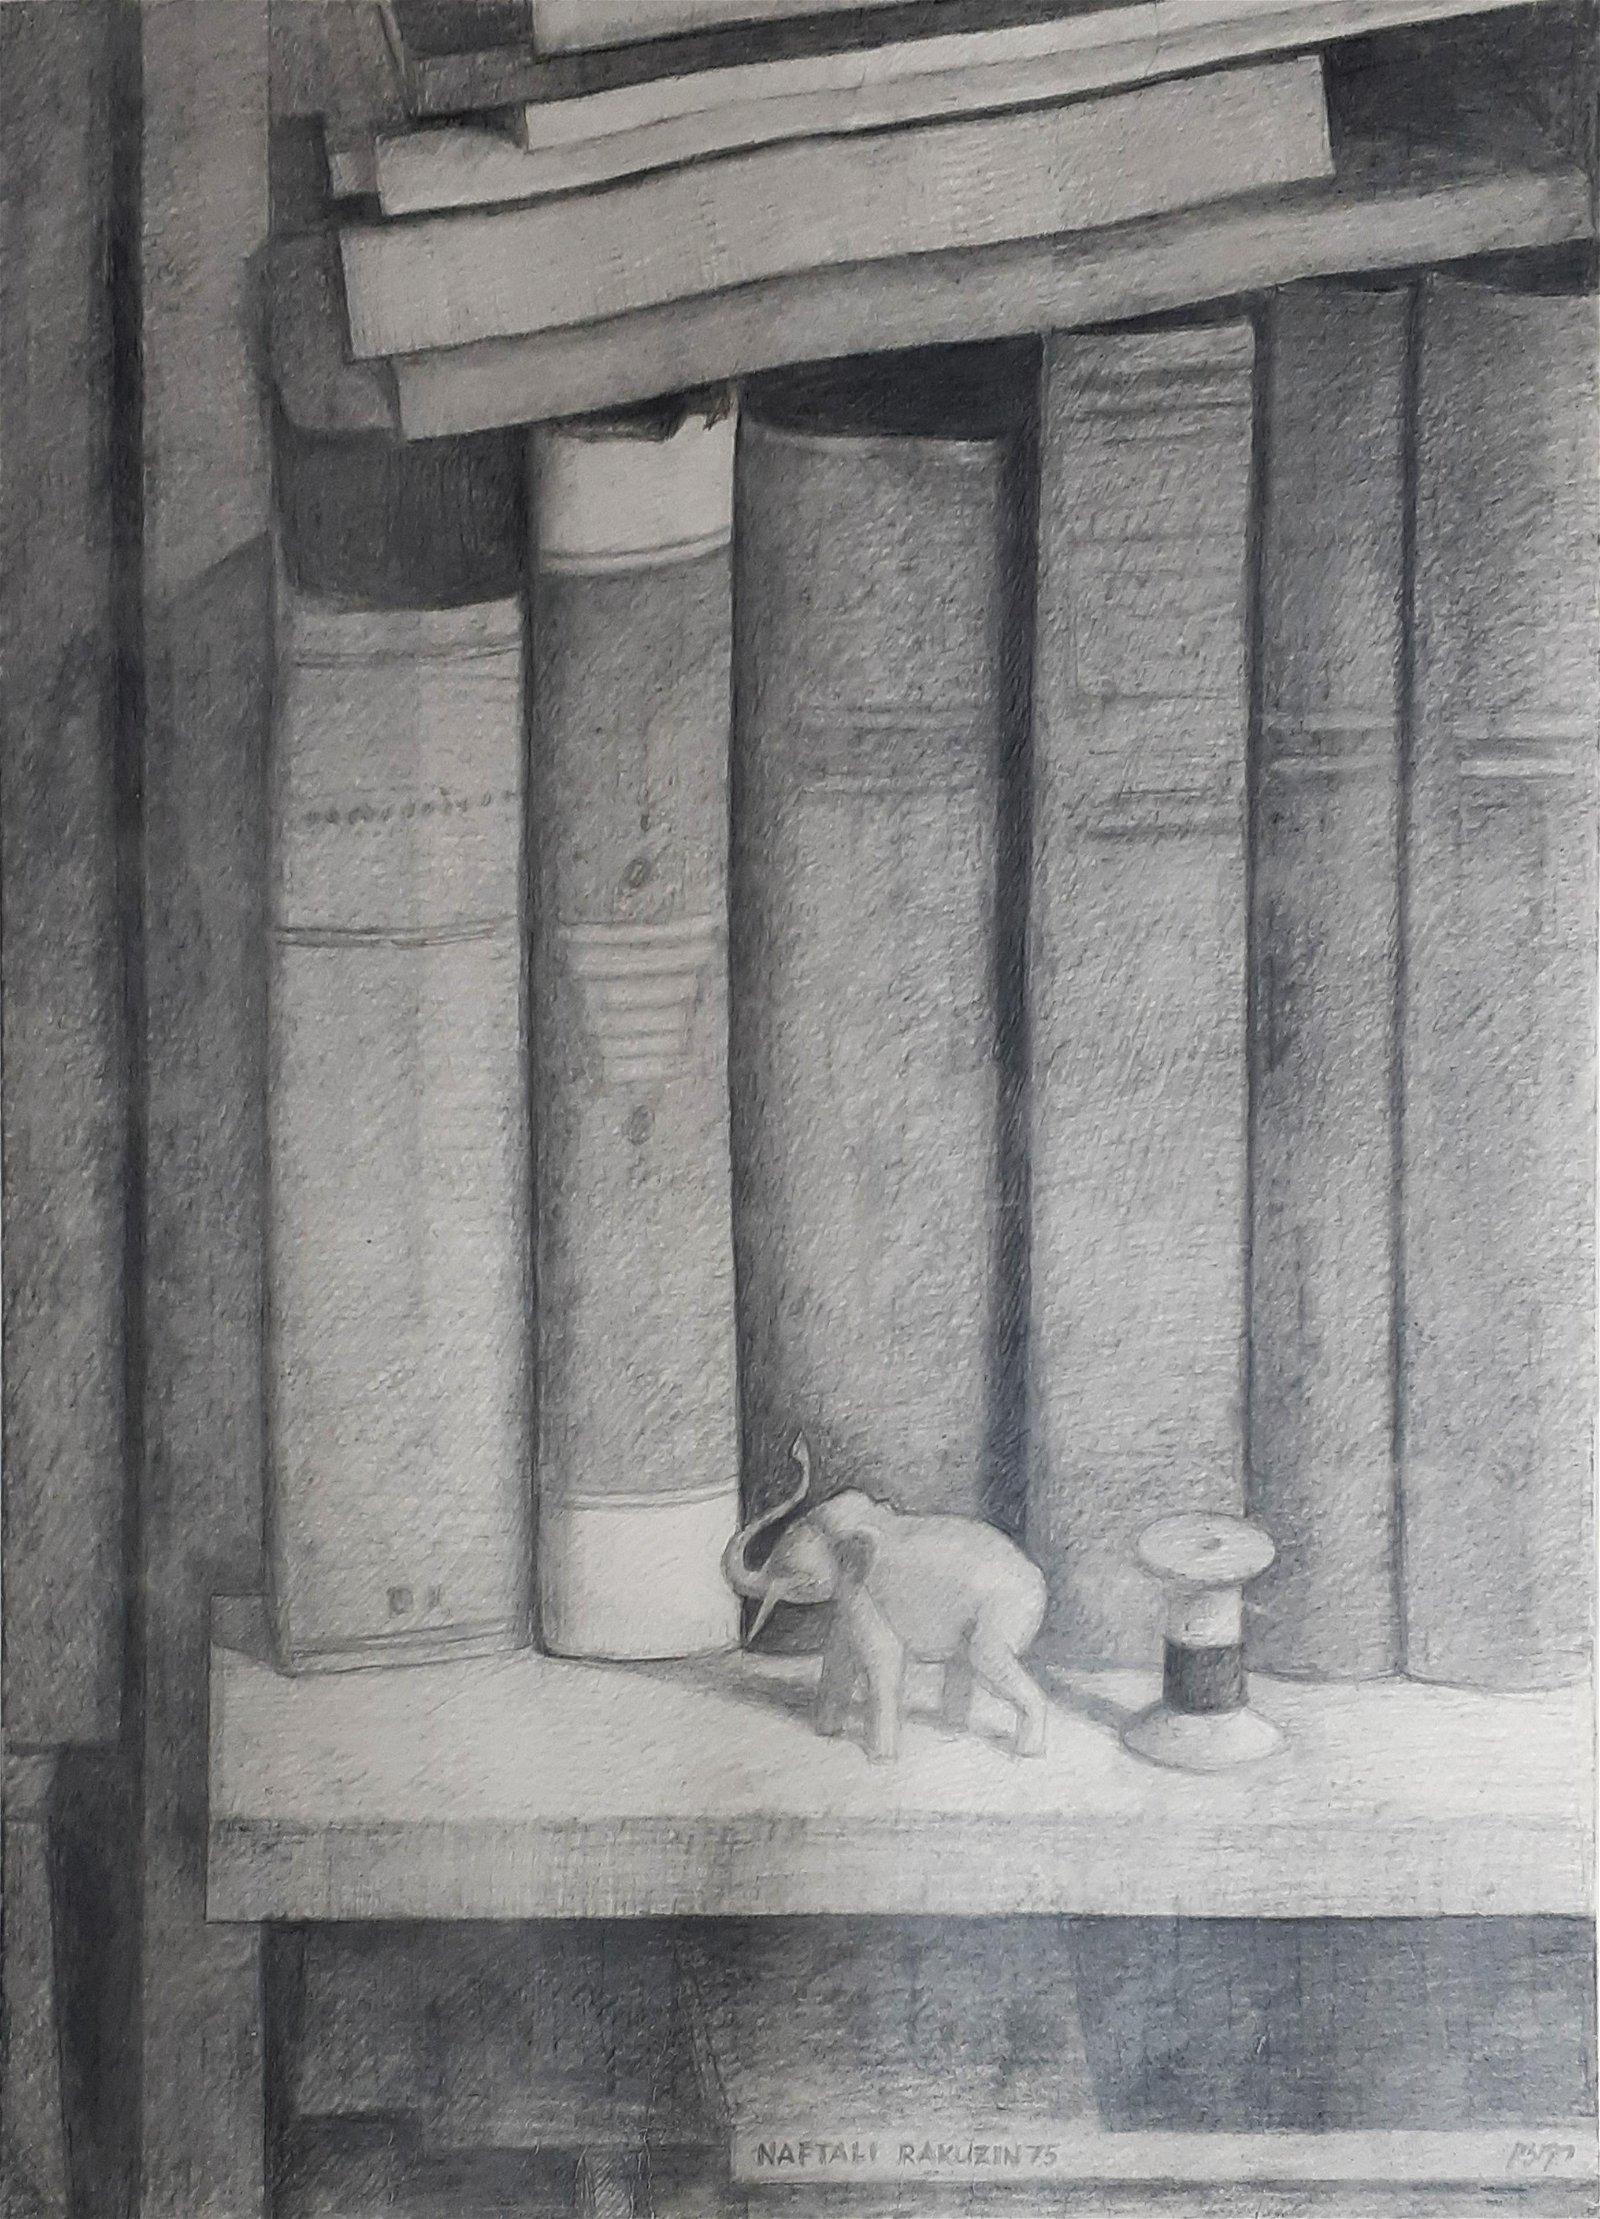 Naftali Rakuzin b.1948 (Russian) Books with elephant